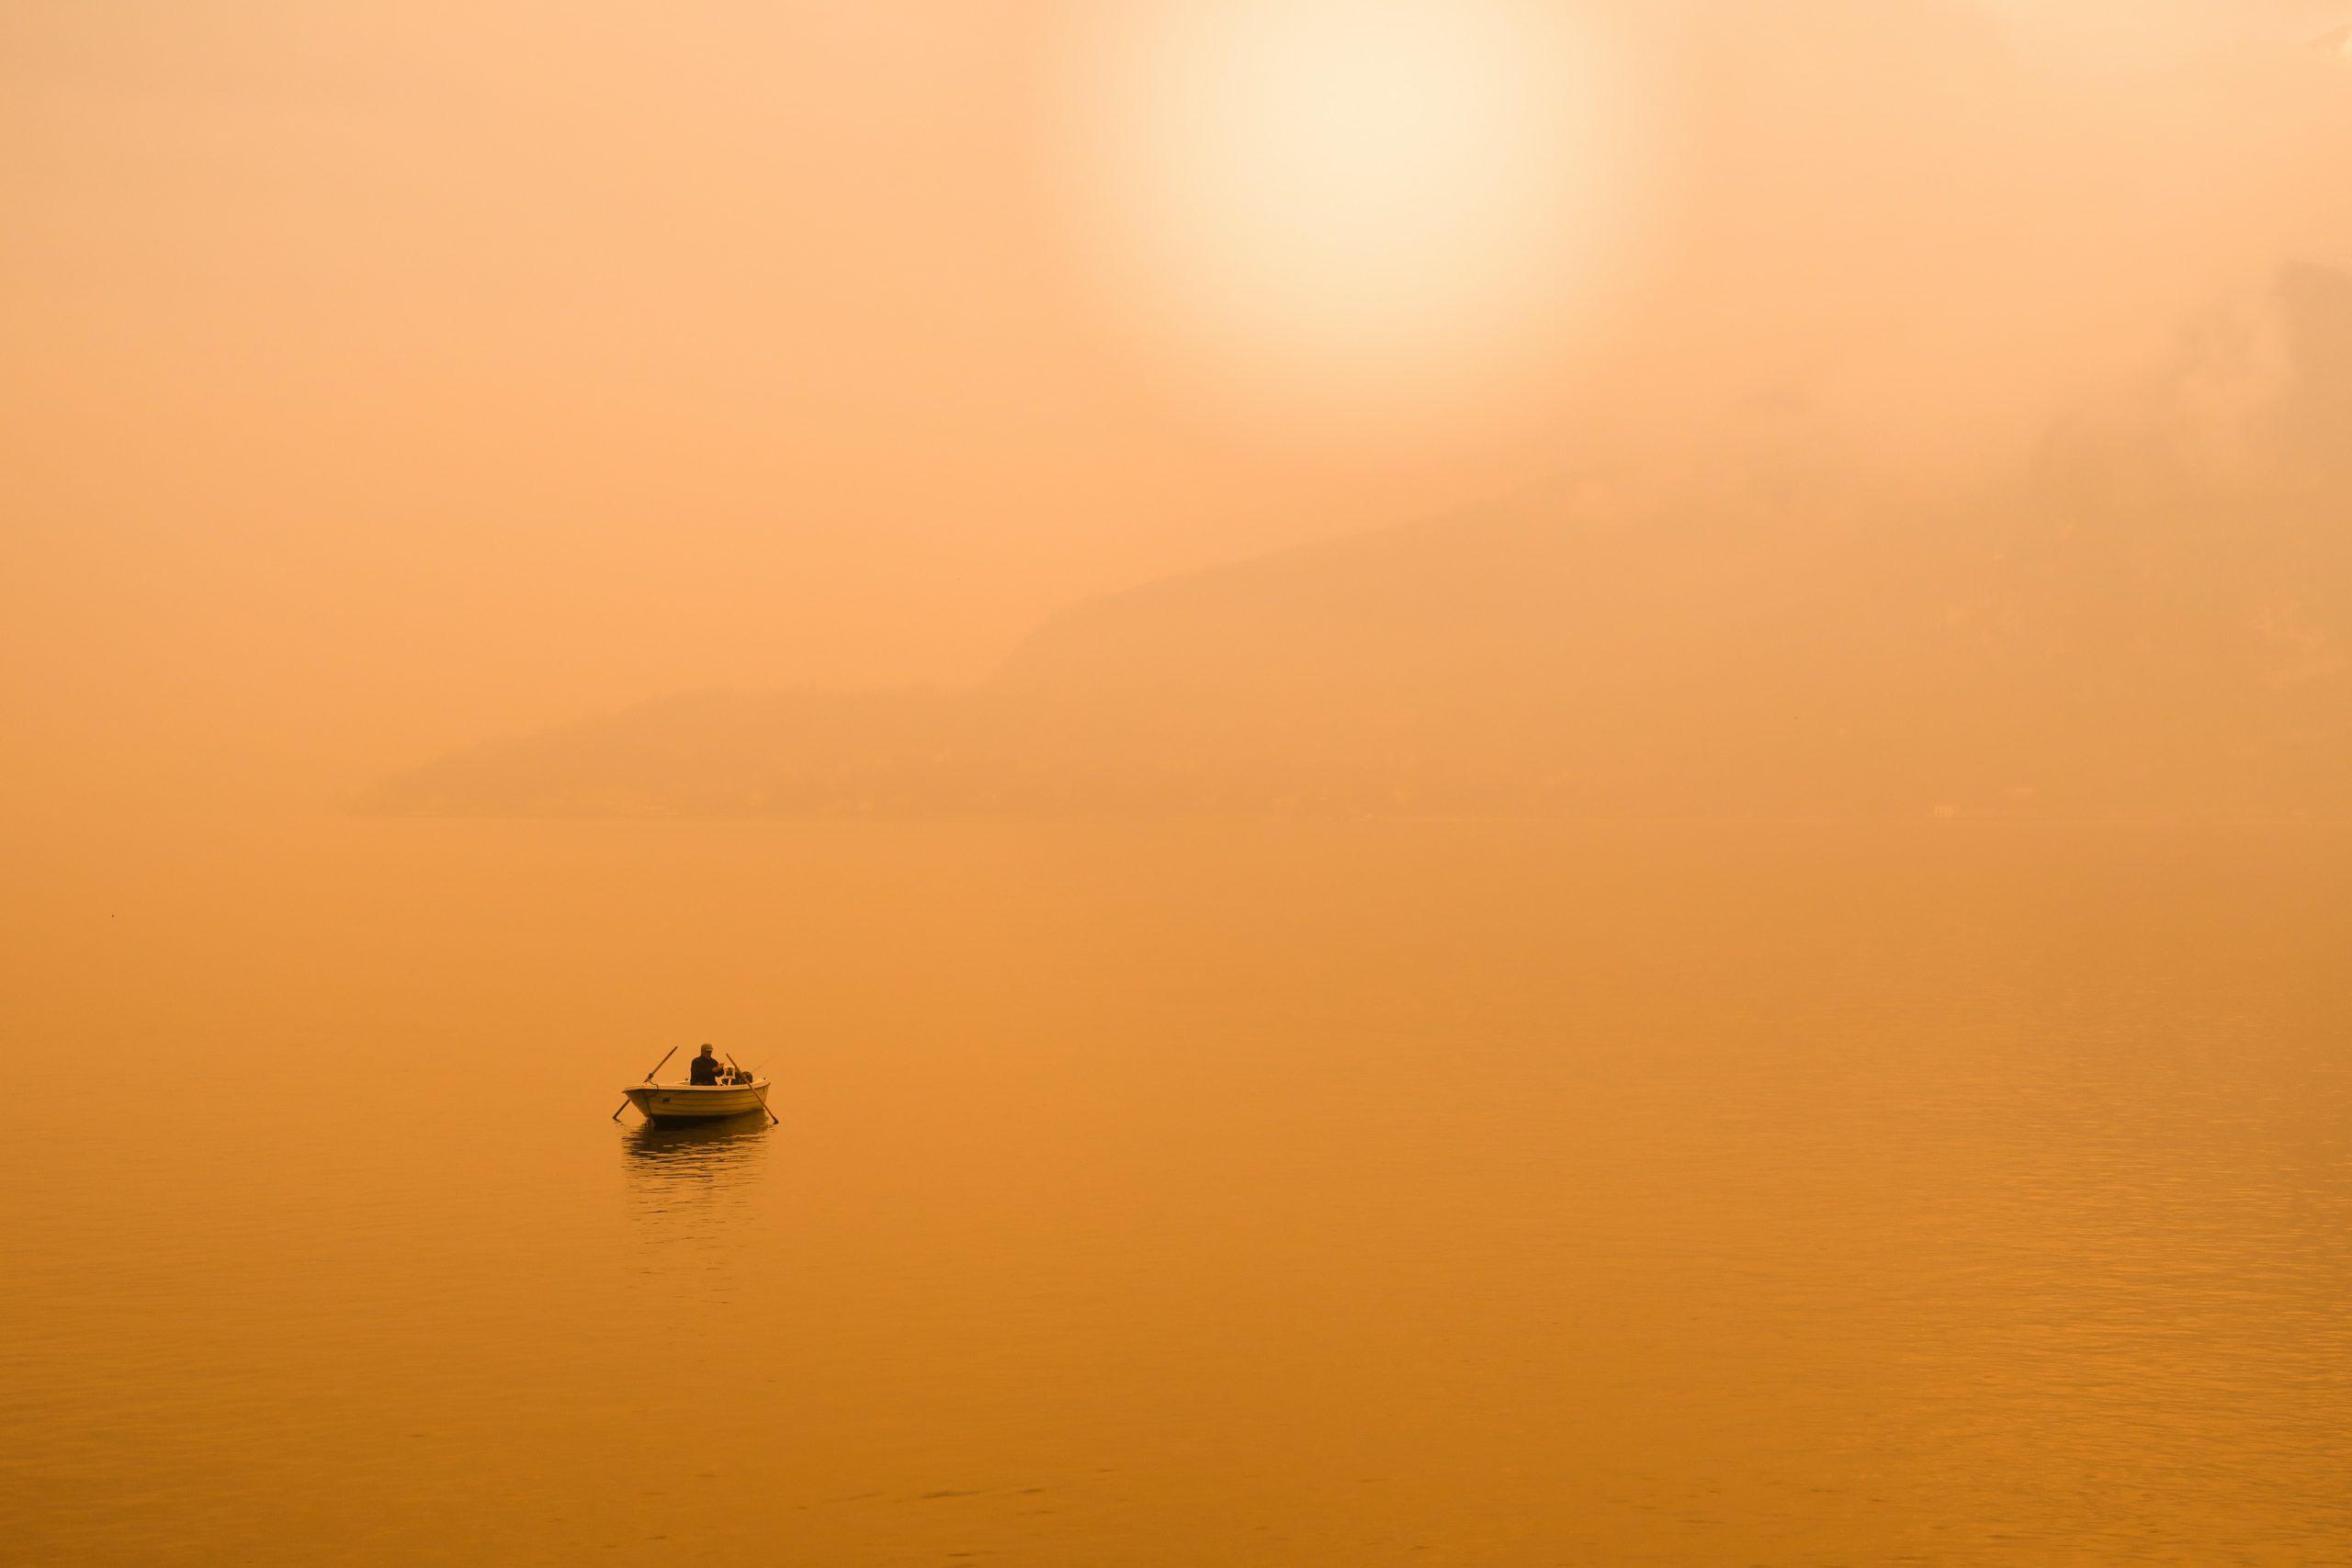 Le silence est d'or gestion de crise